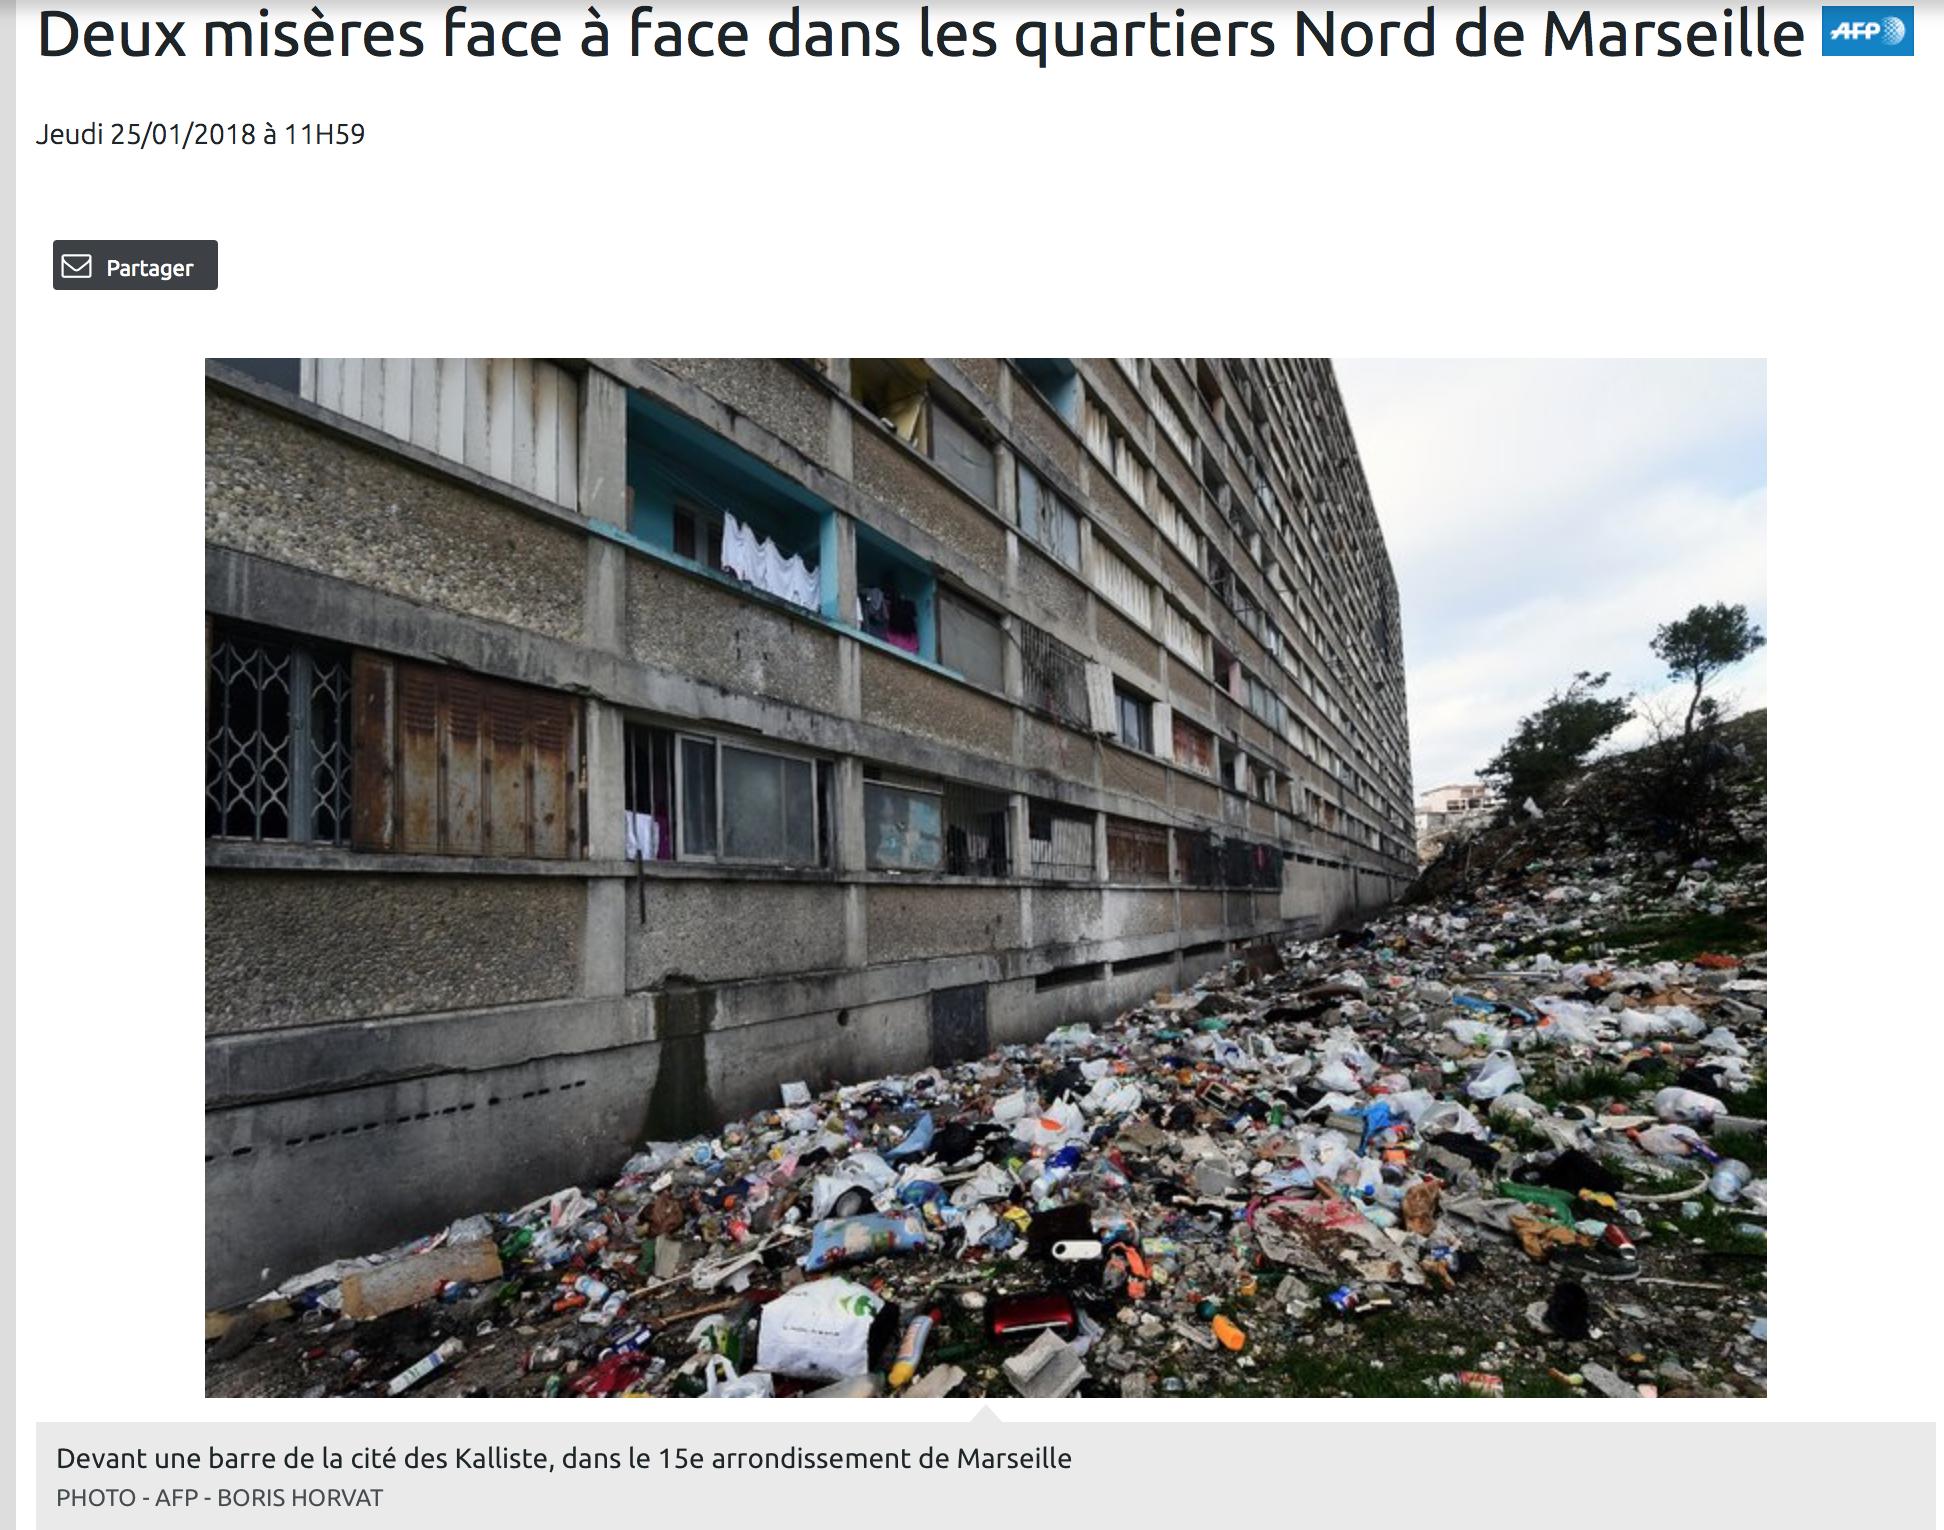 Horreur : regardez cette photo d'un immeuble squatté par des migrants à Marseille